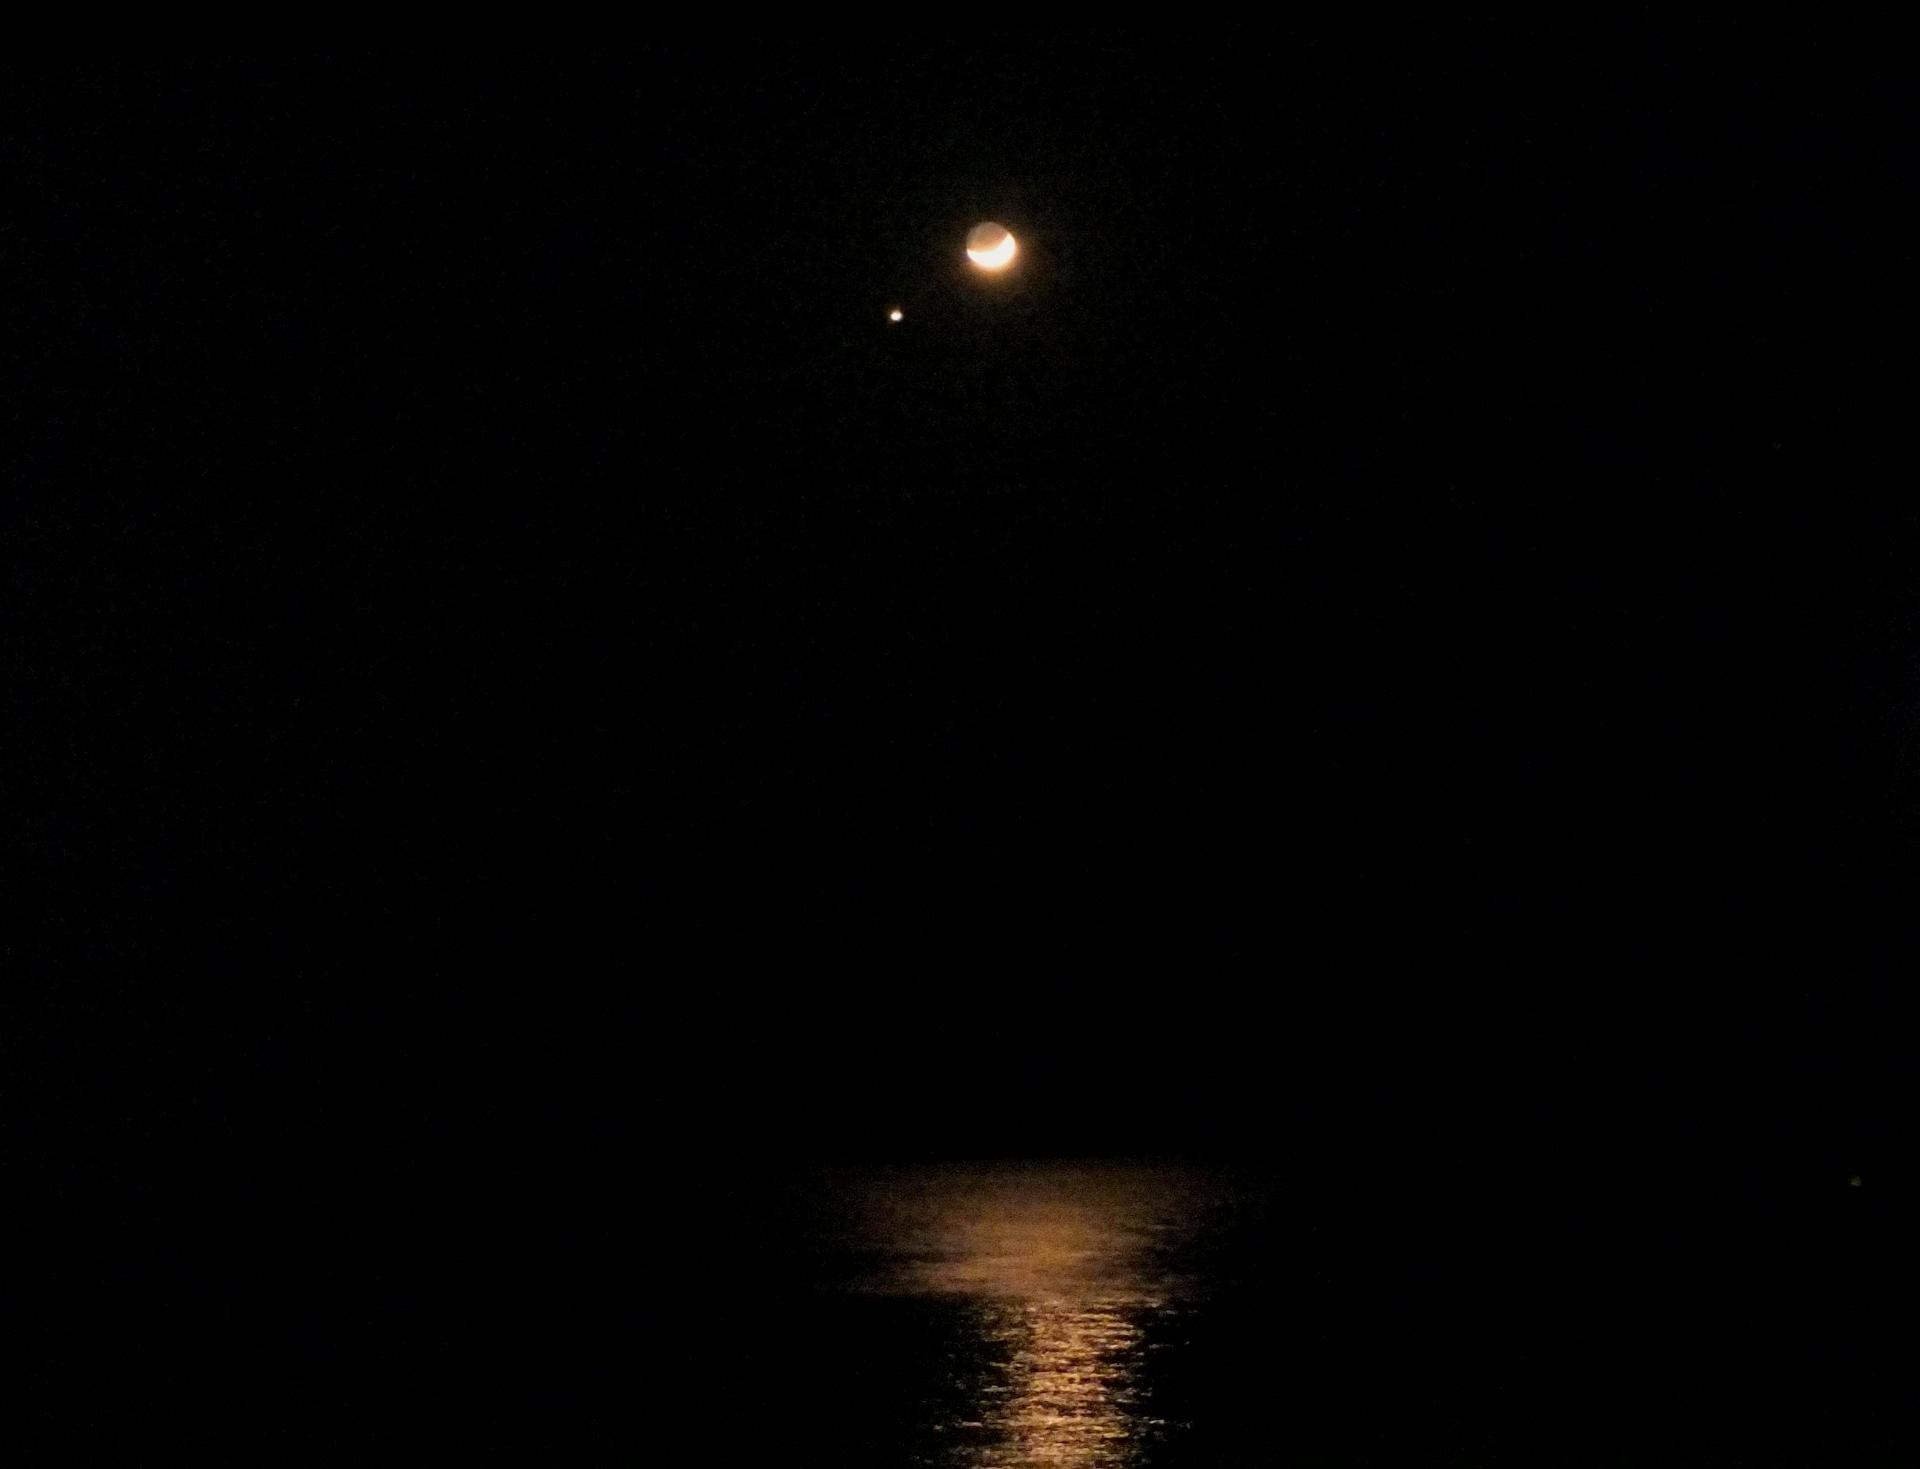 石垣島で見られる人工衛星